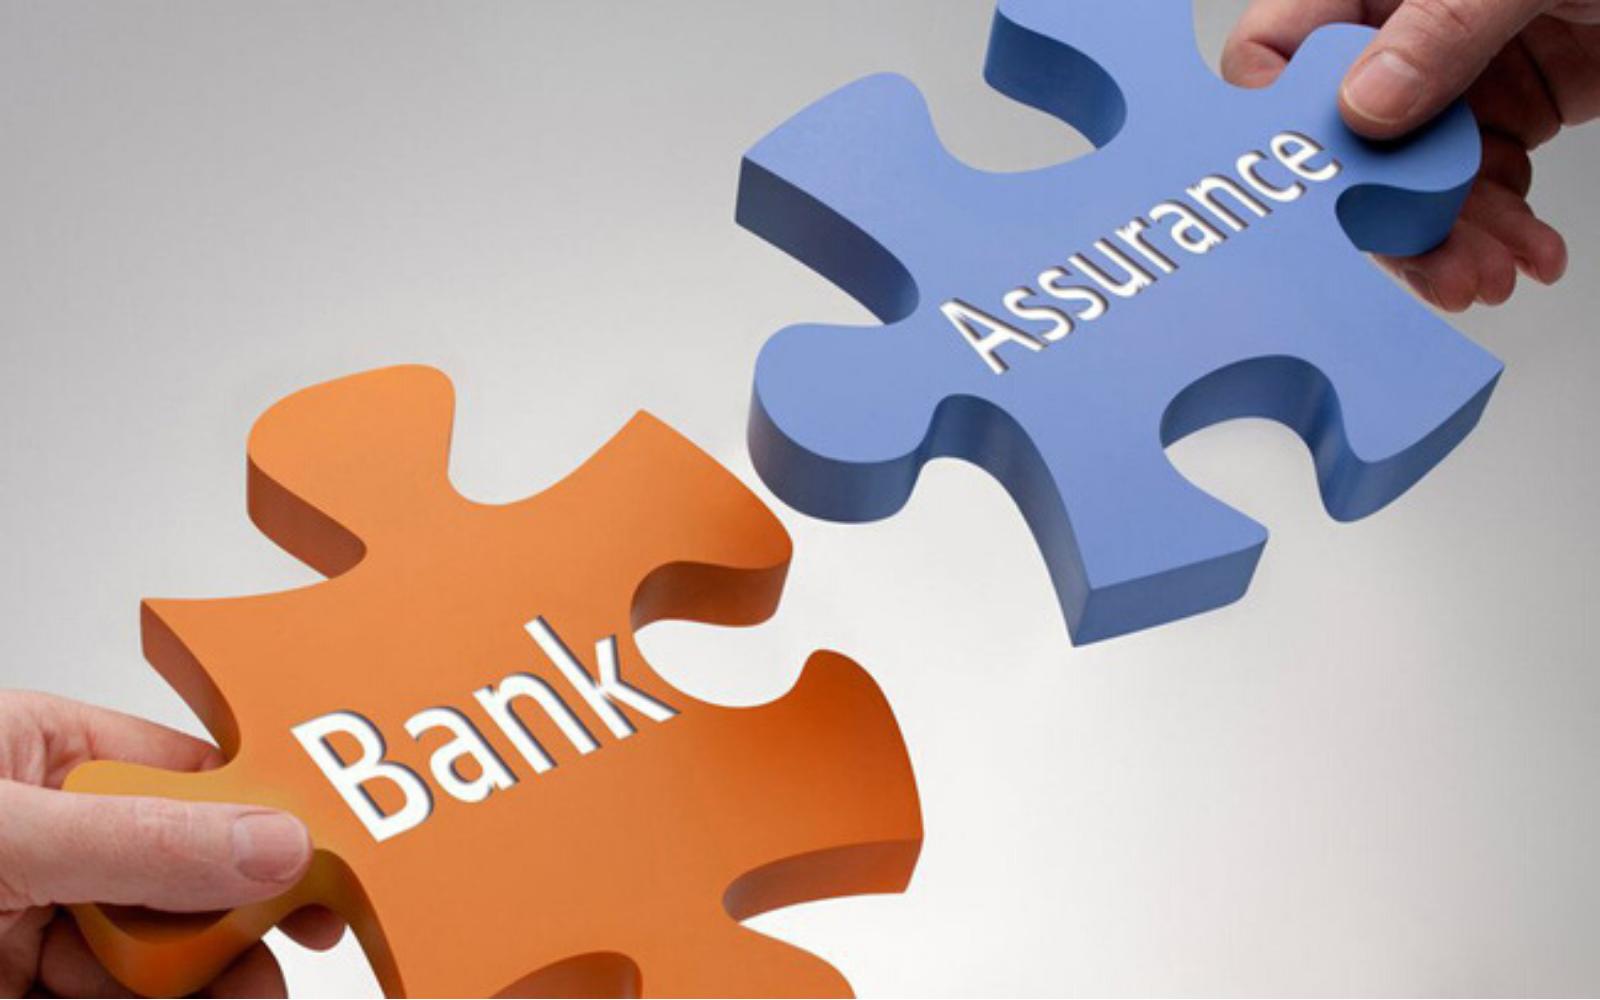 Mô hình liên kết kinh doanh giữa ngân hàng và doanh nghiệp bảo hiểm